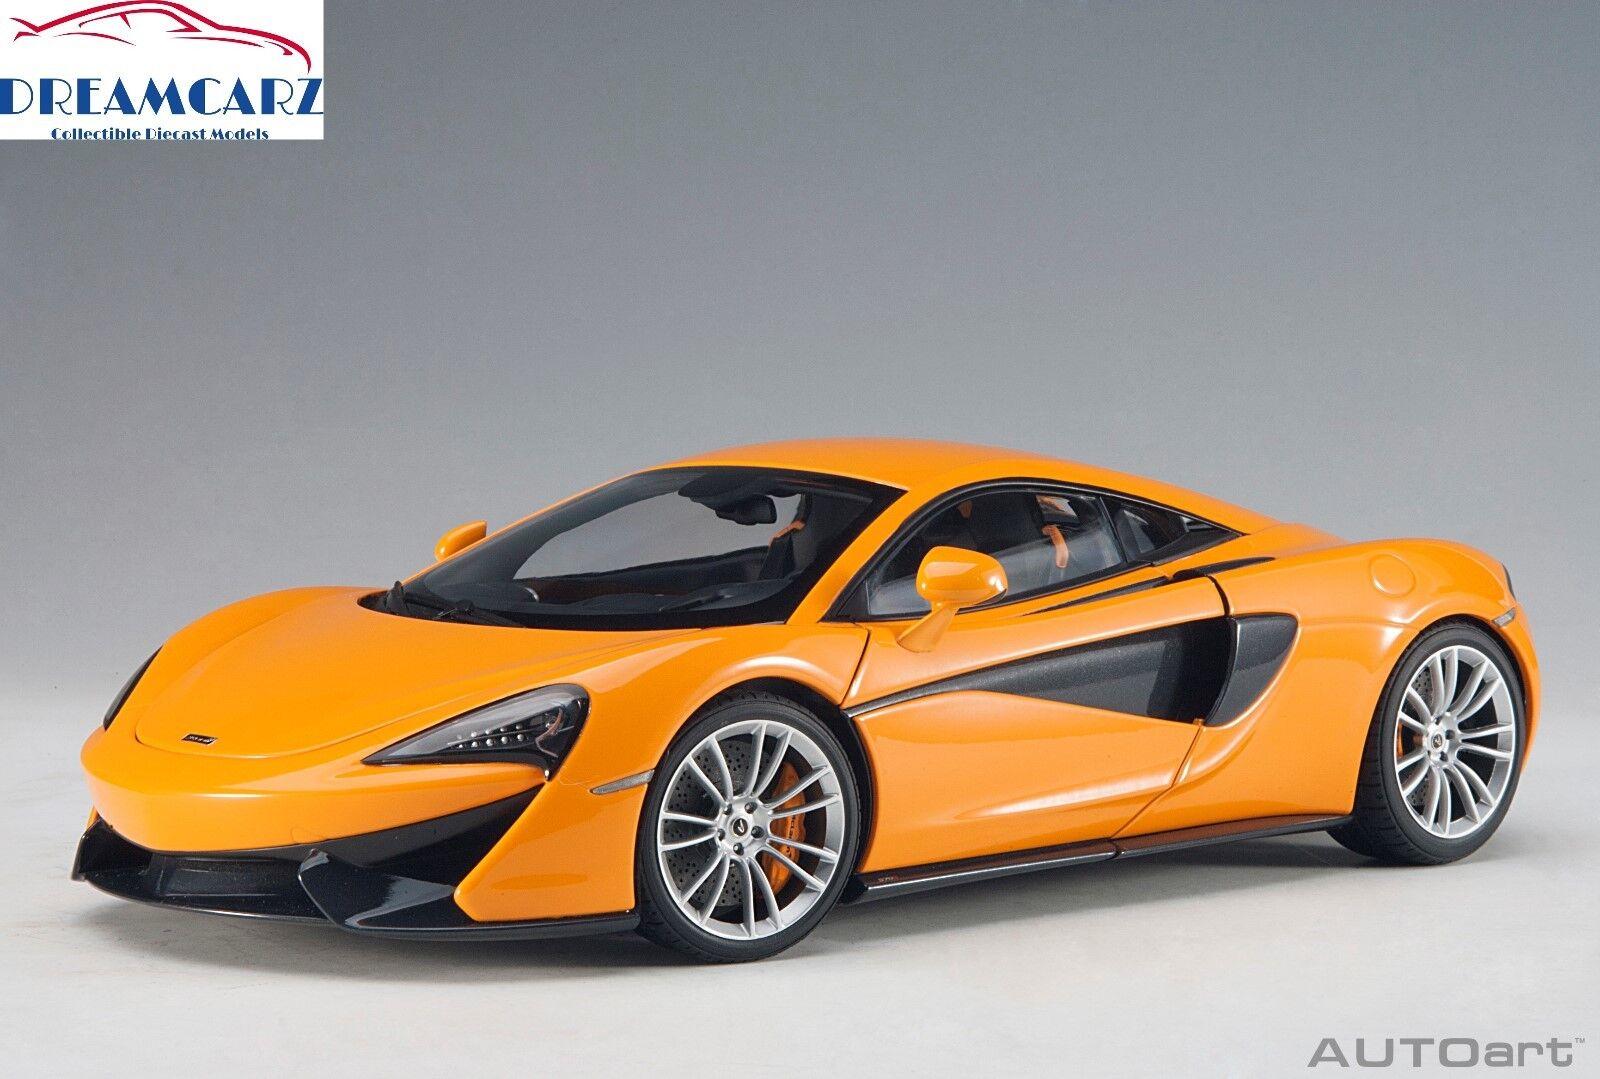 Autoart 76044 1 18 McLaren 570S-McLaren arancia Con Ruedas De argento